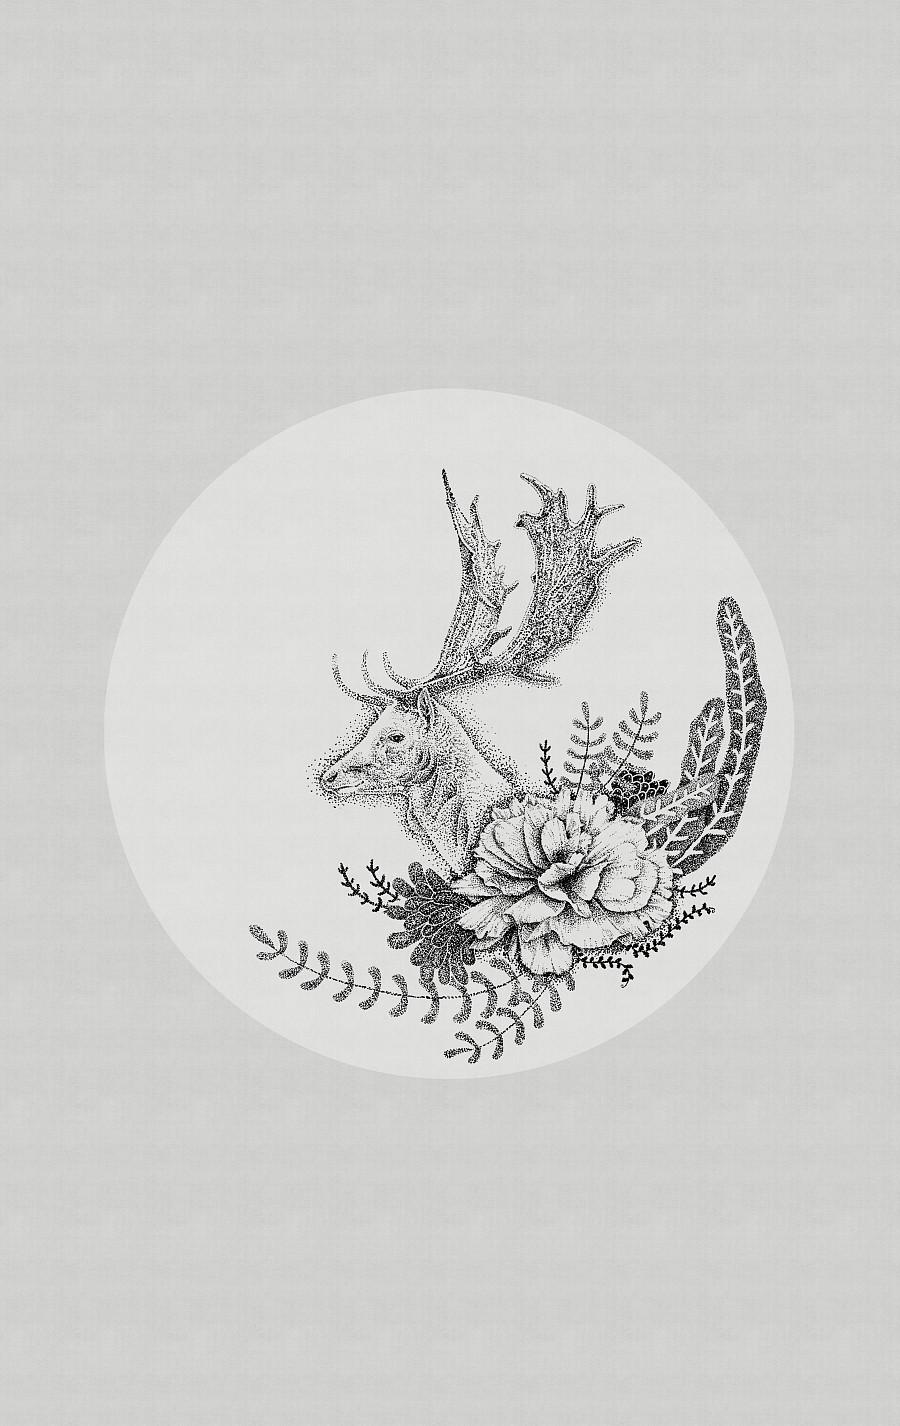 插画设计 鹿 点绘插画 黑白插画 动植物插画设计